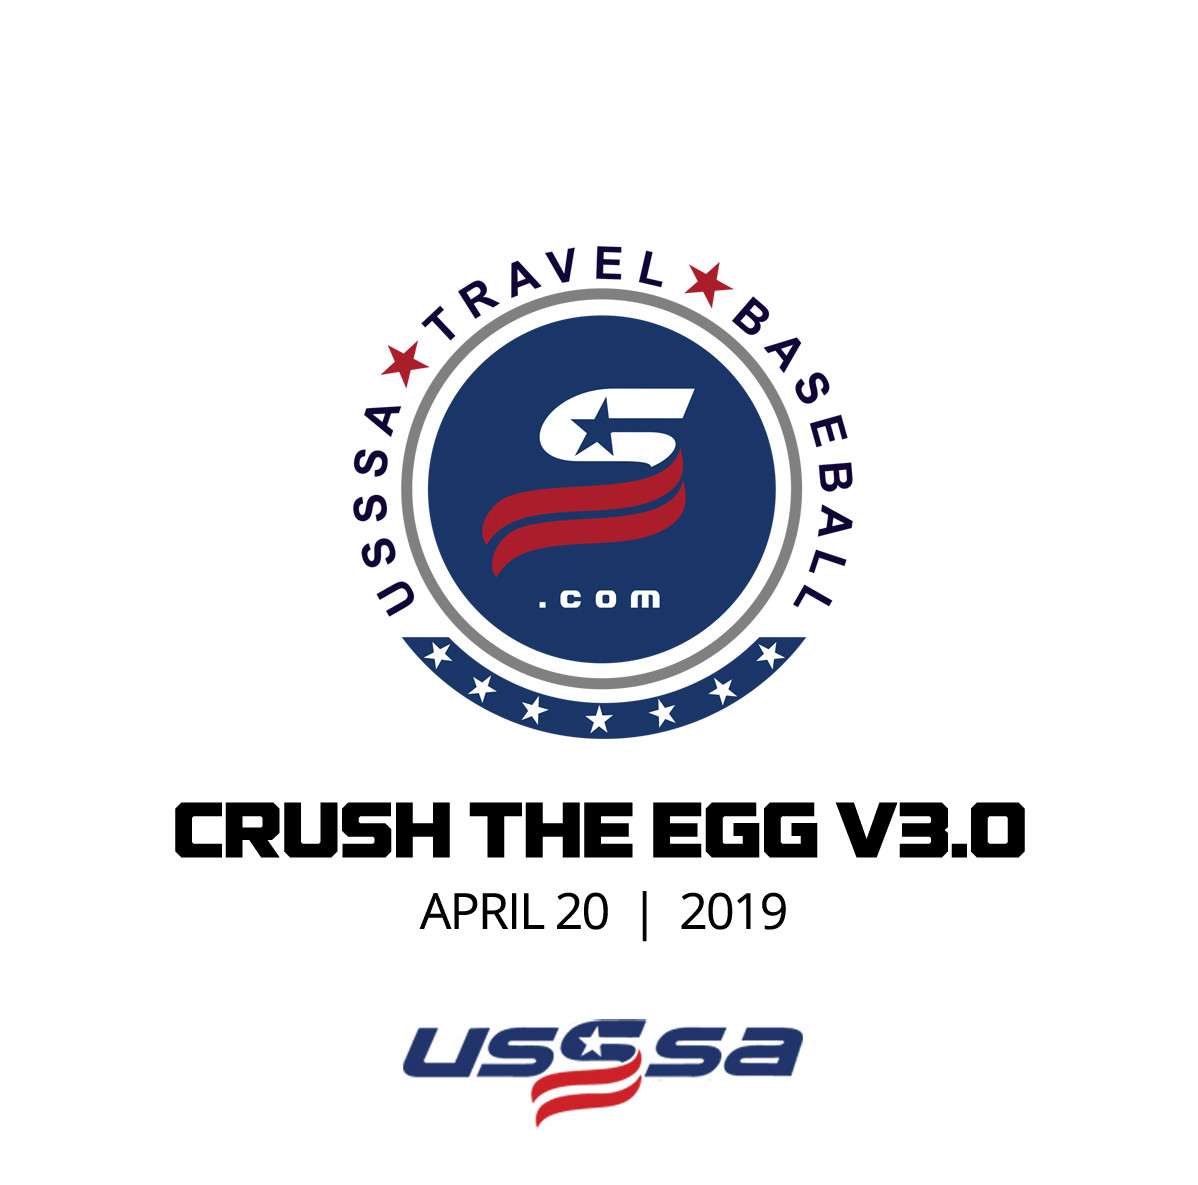 Upstate - Crush The Egg V3.0